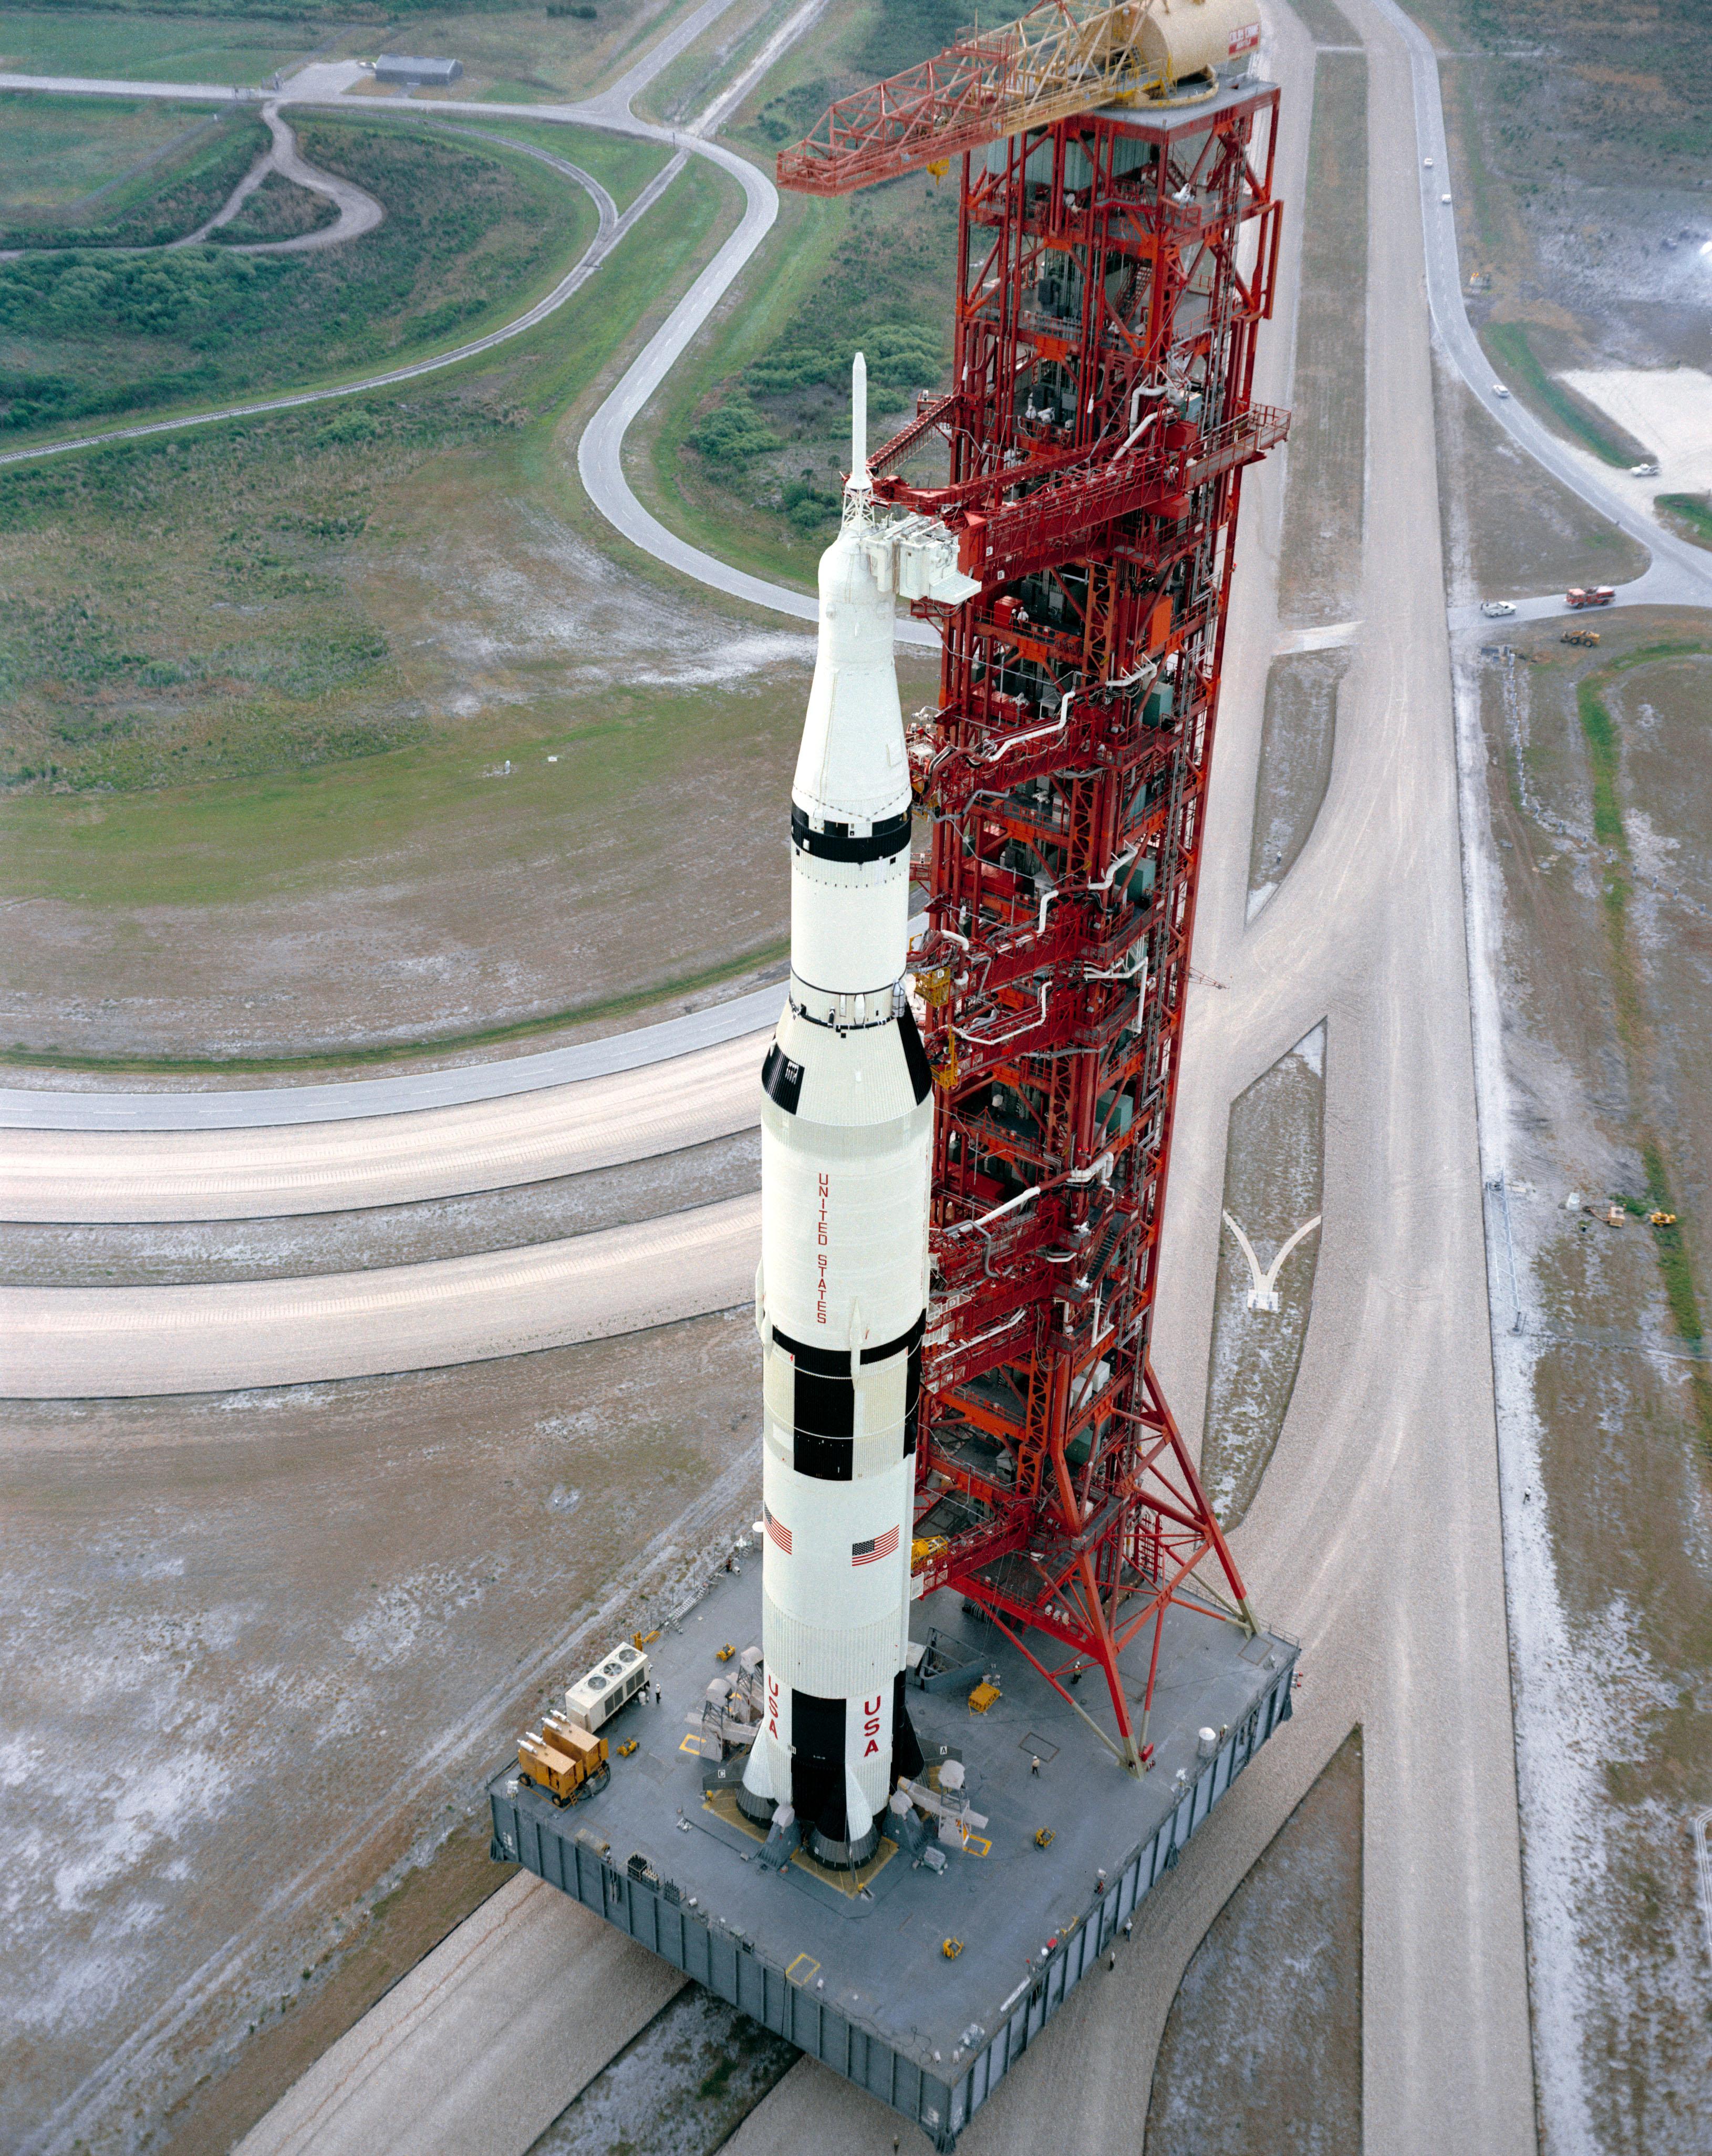 Celebrating the 50th Anniversary of Apollo 15